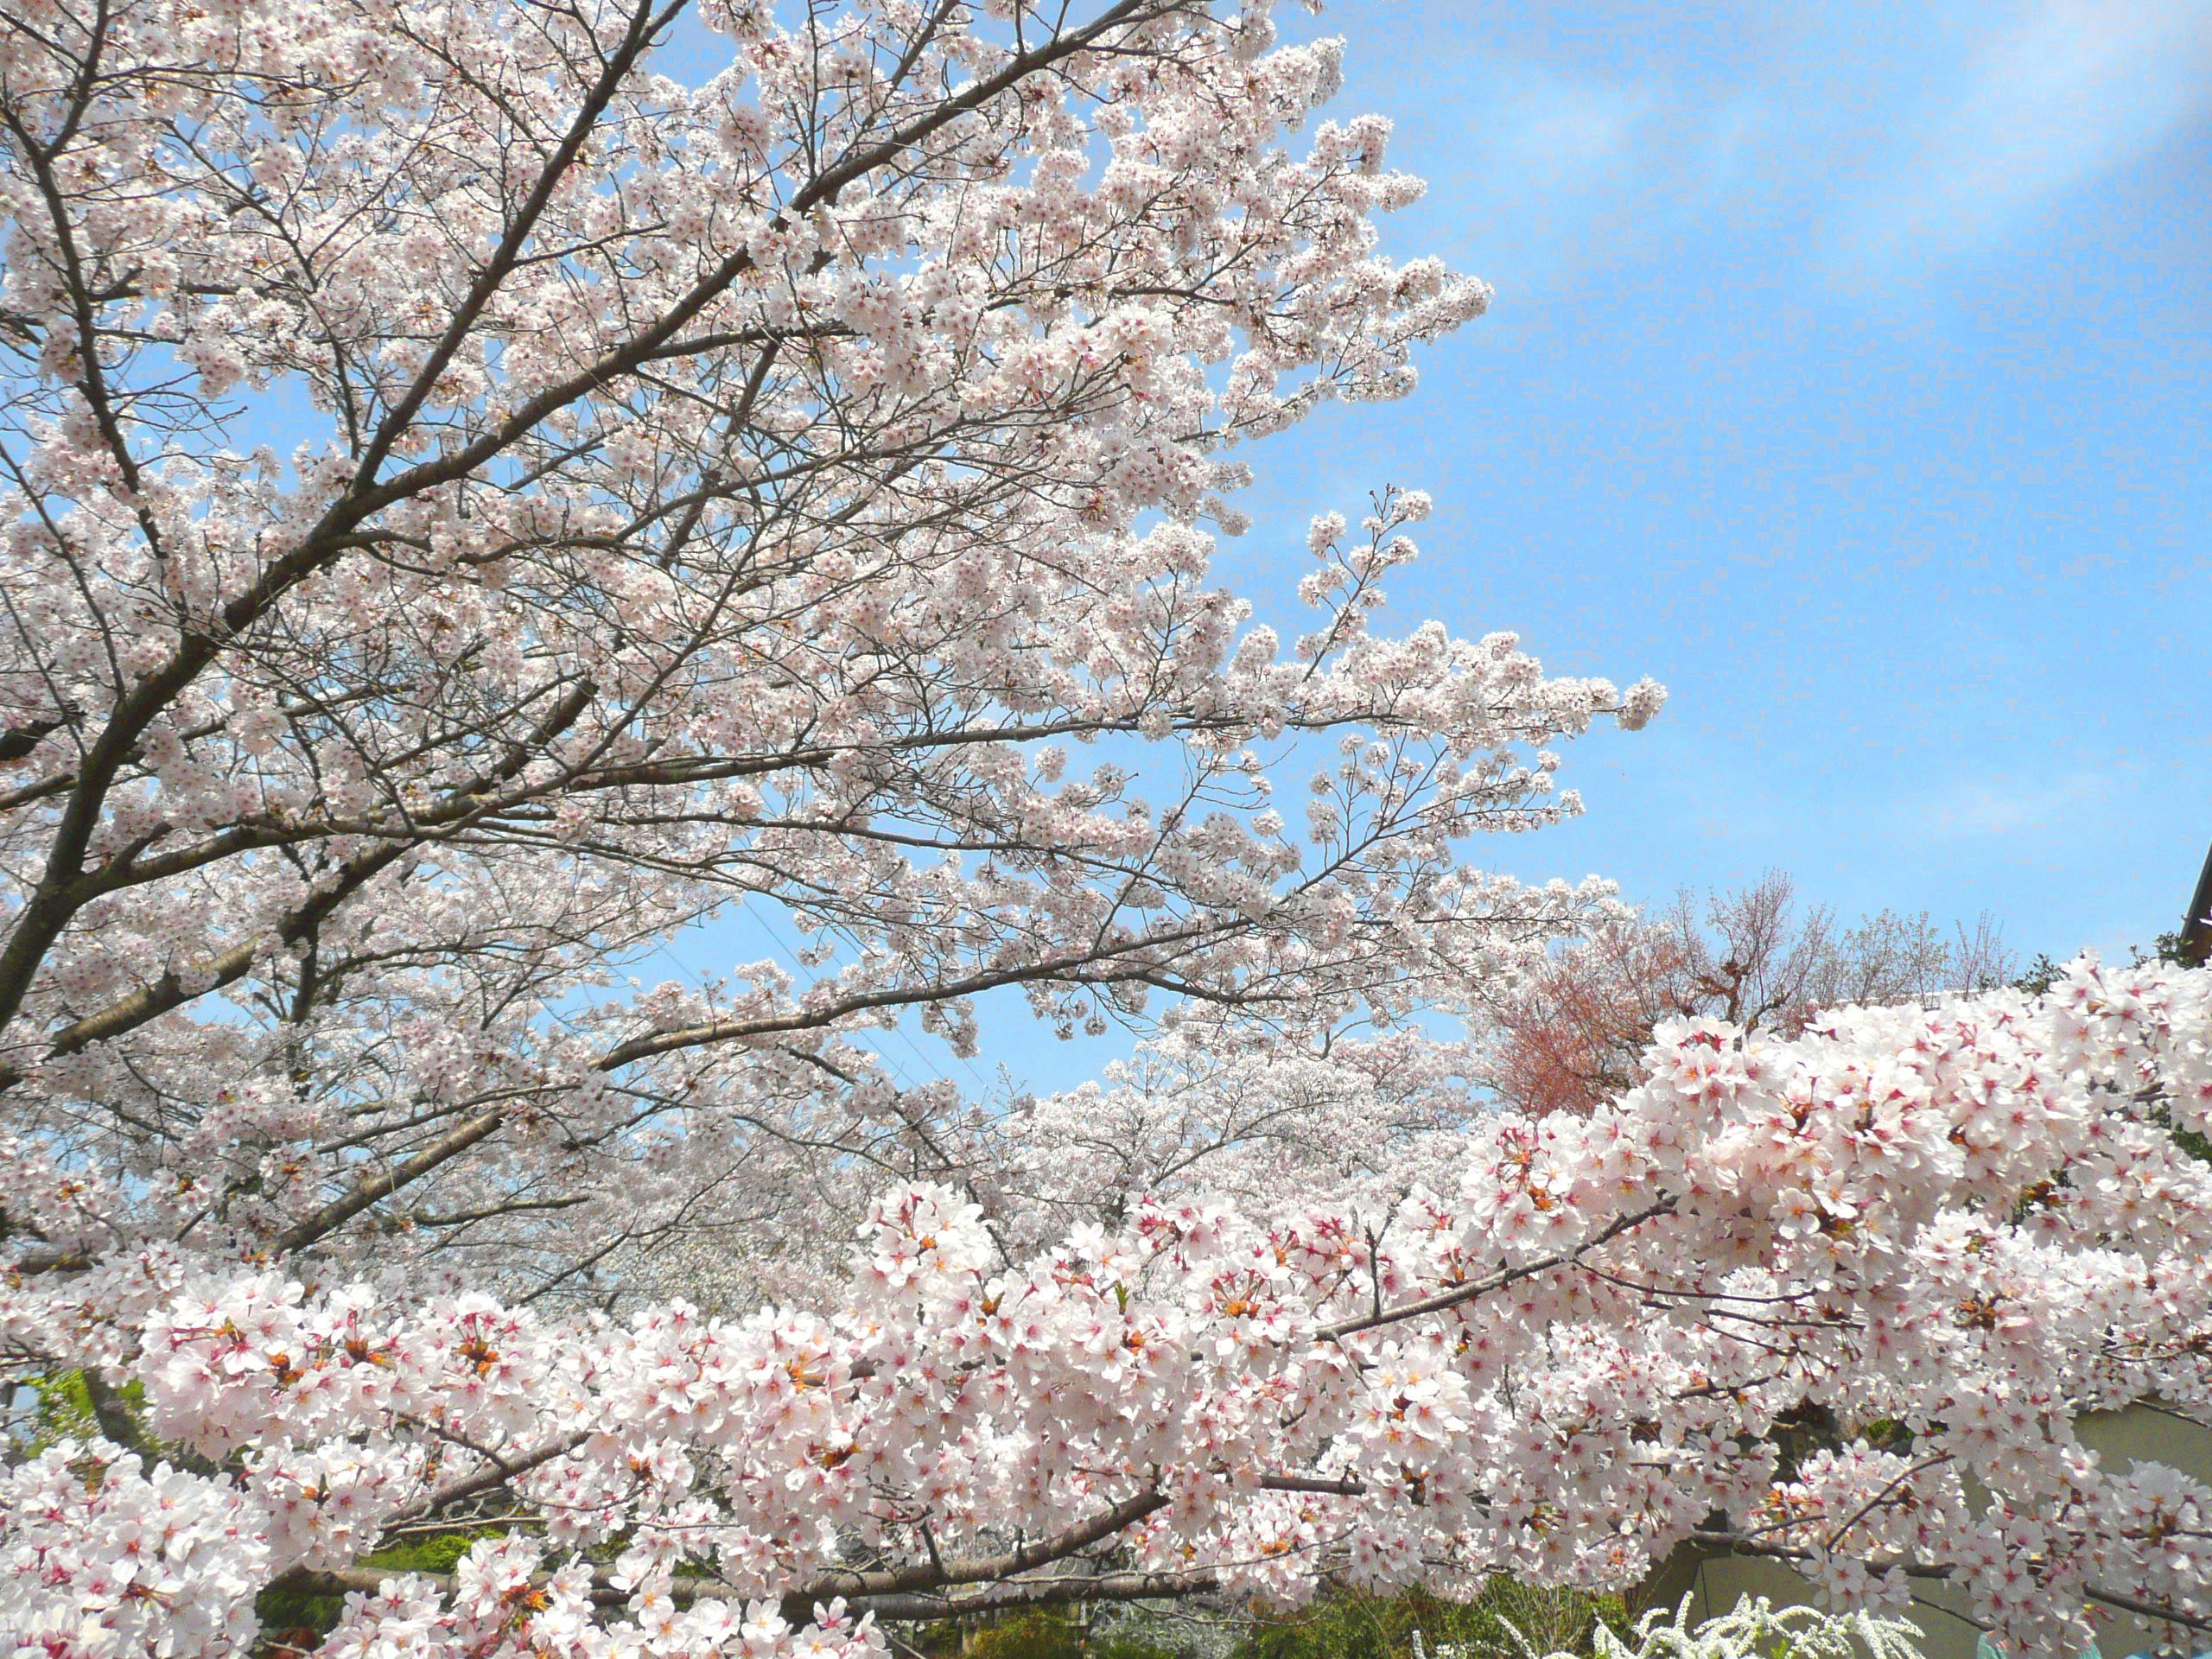 哲学の道を抜けて銀閣寺へ 桜満開の哲学の道で大興奮!